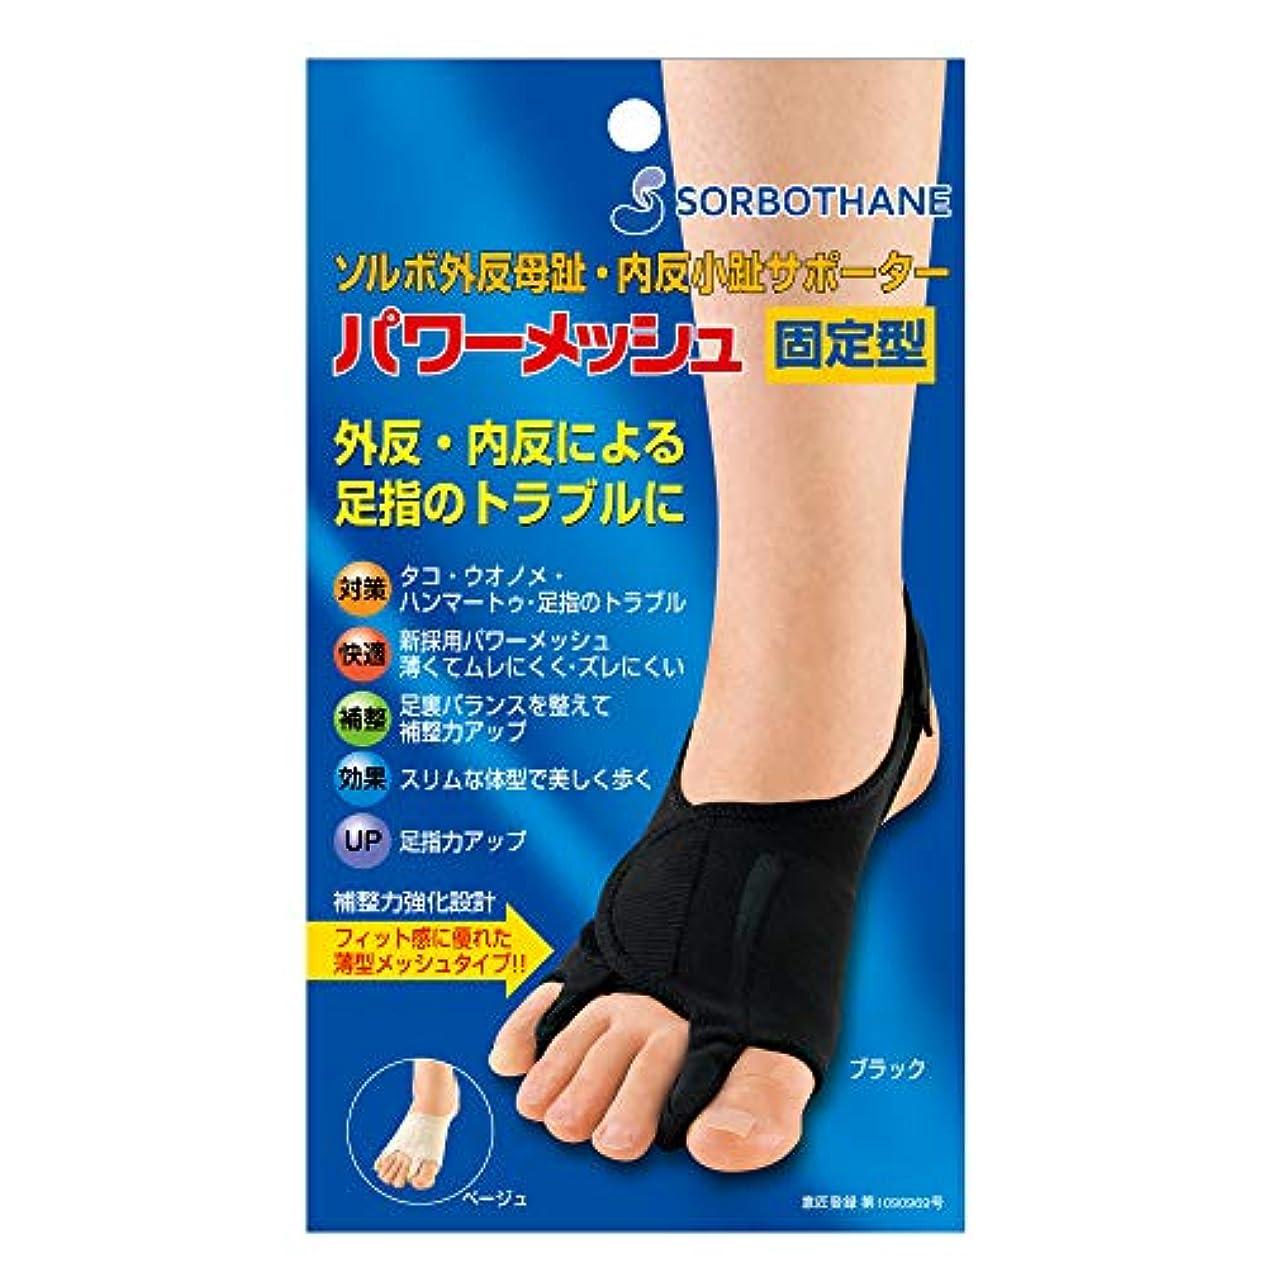 スクリューダニ切り刻むソルボ外反母趾?内反小趾サポーター パワーメッシュ固定型 ブラック L右足